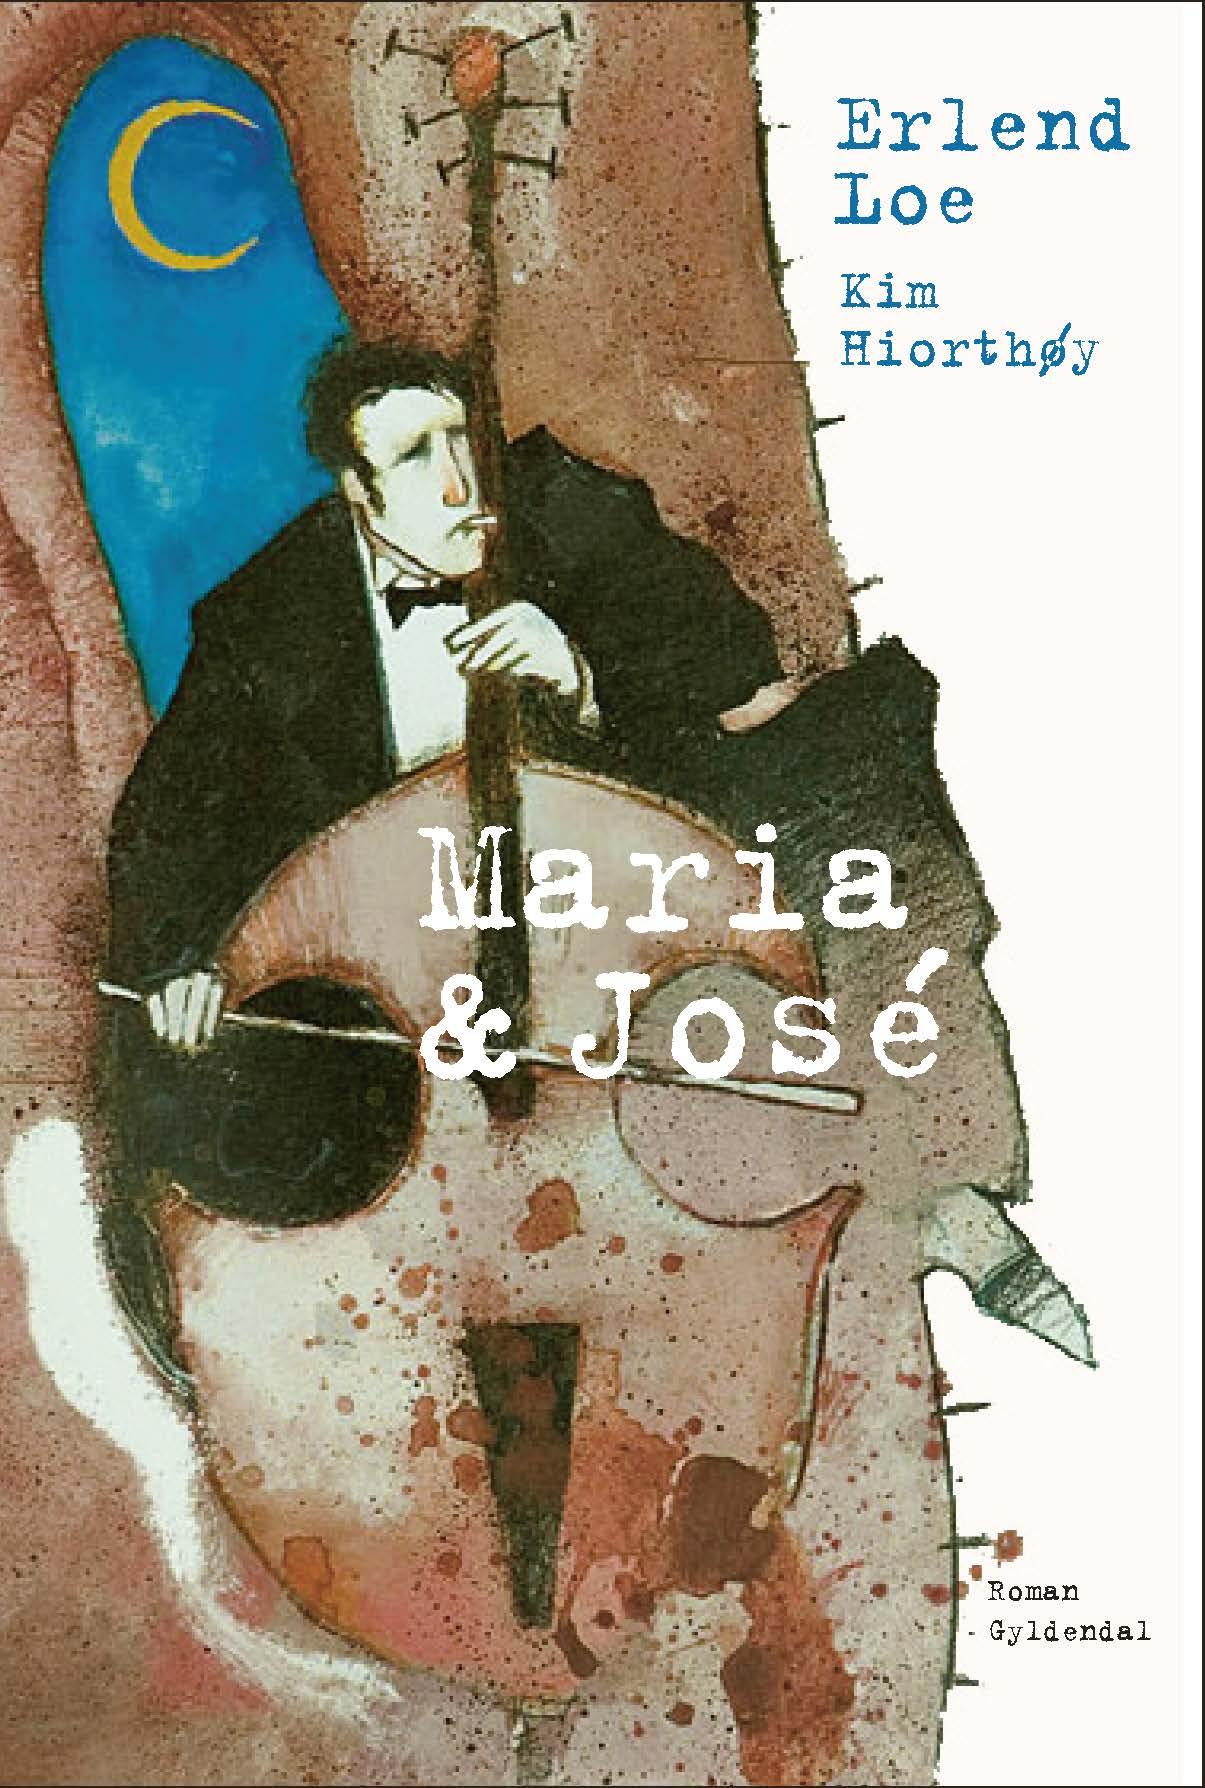 N/A – Maria & josé - e-bog fra bog & mystik